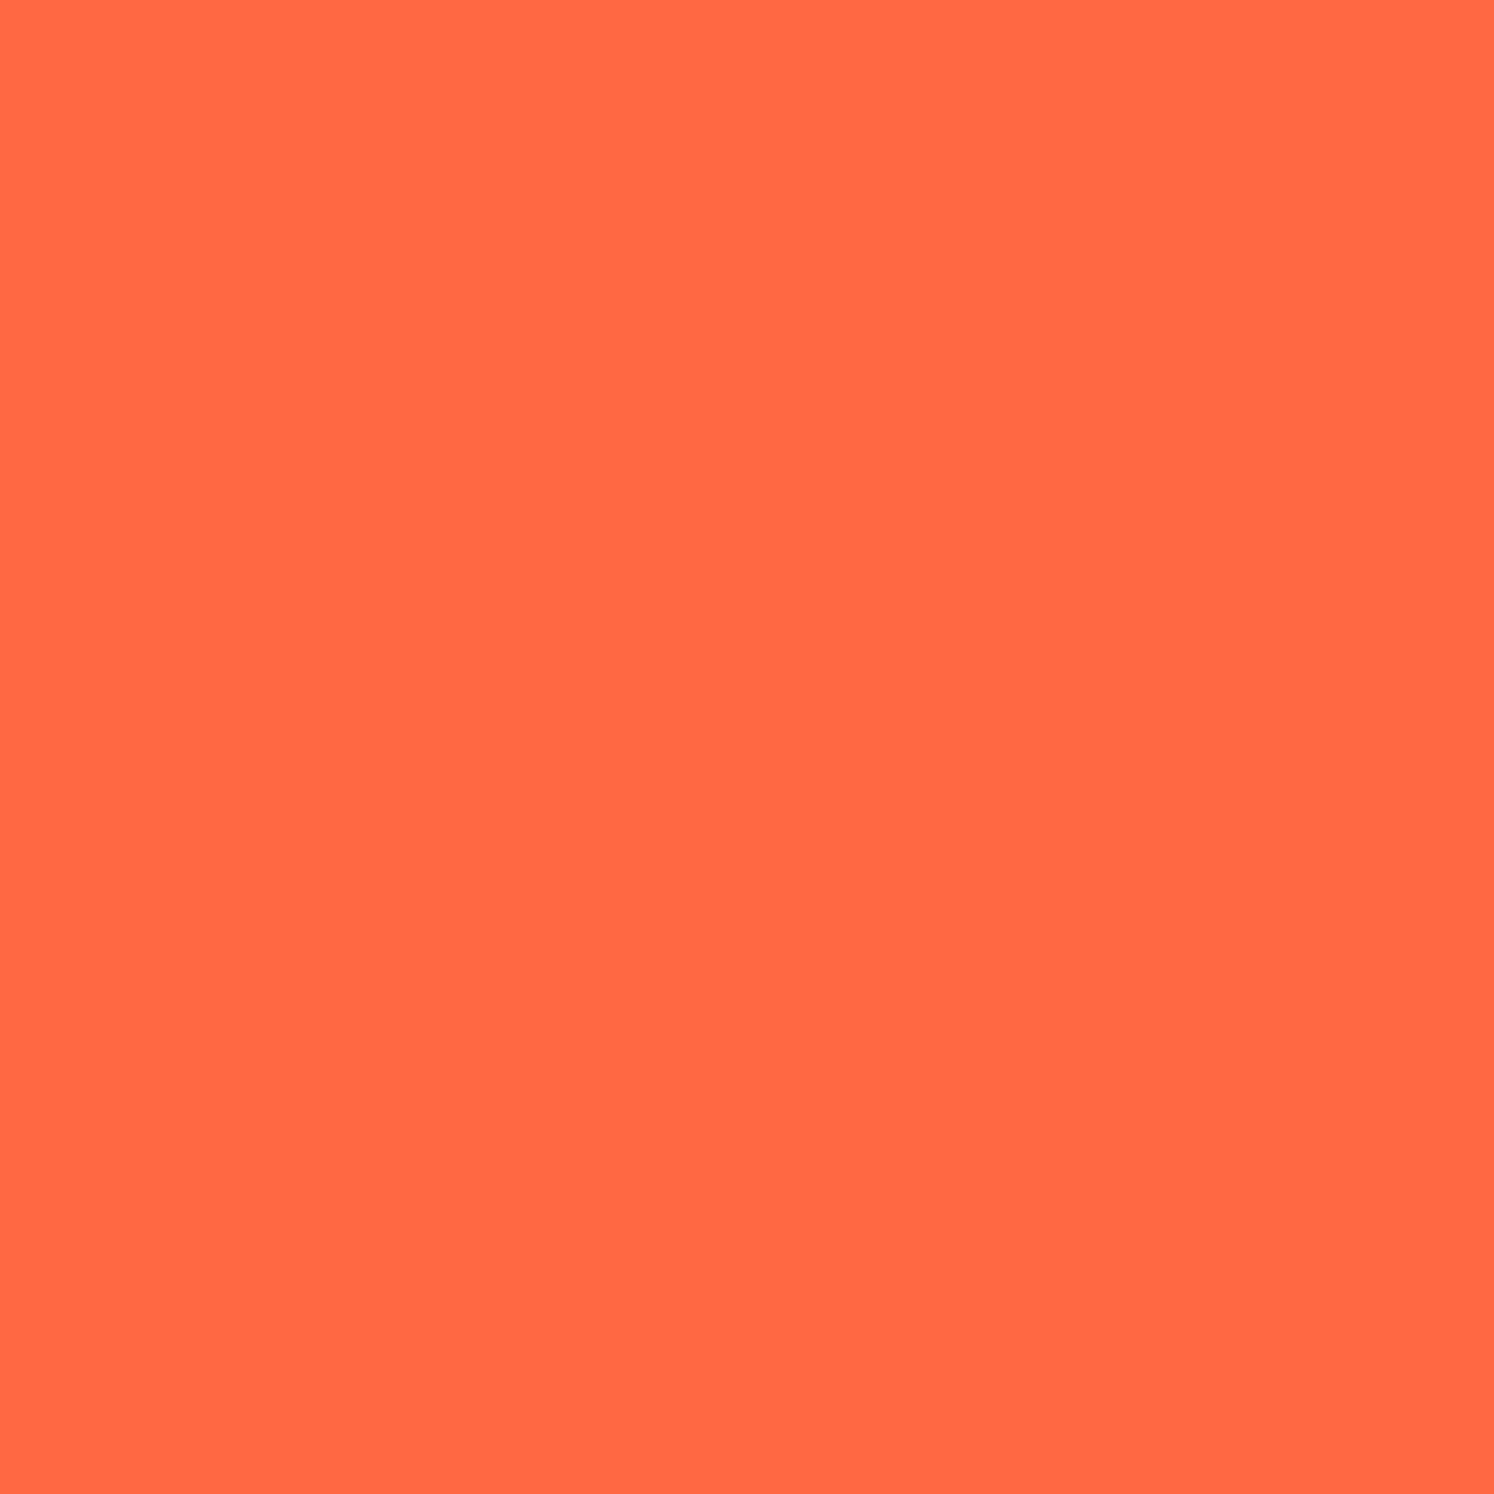 cercle-gerer